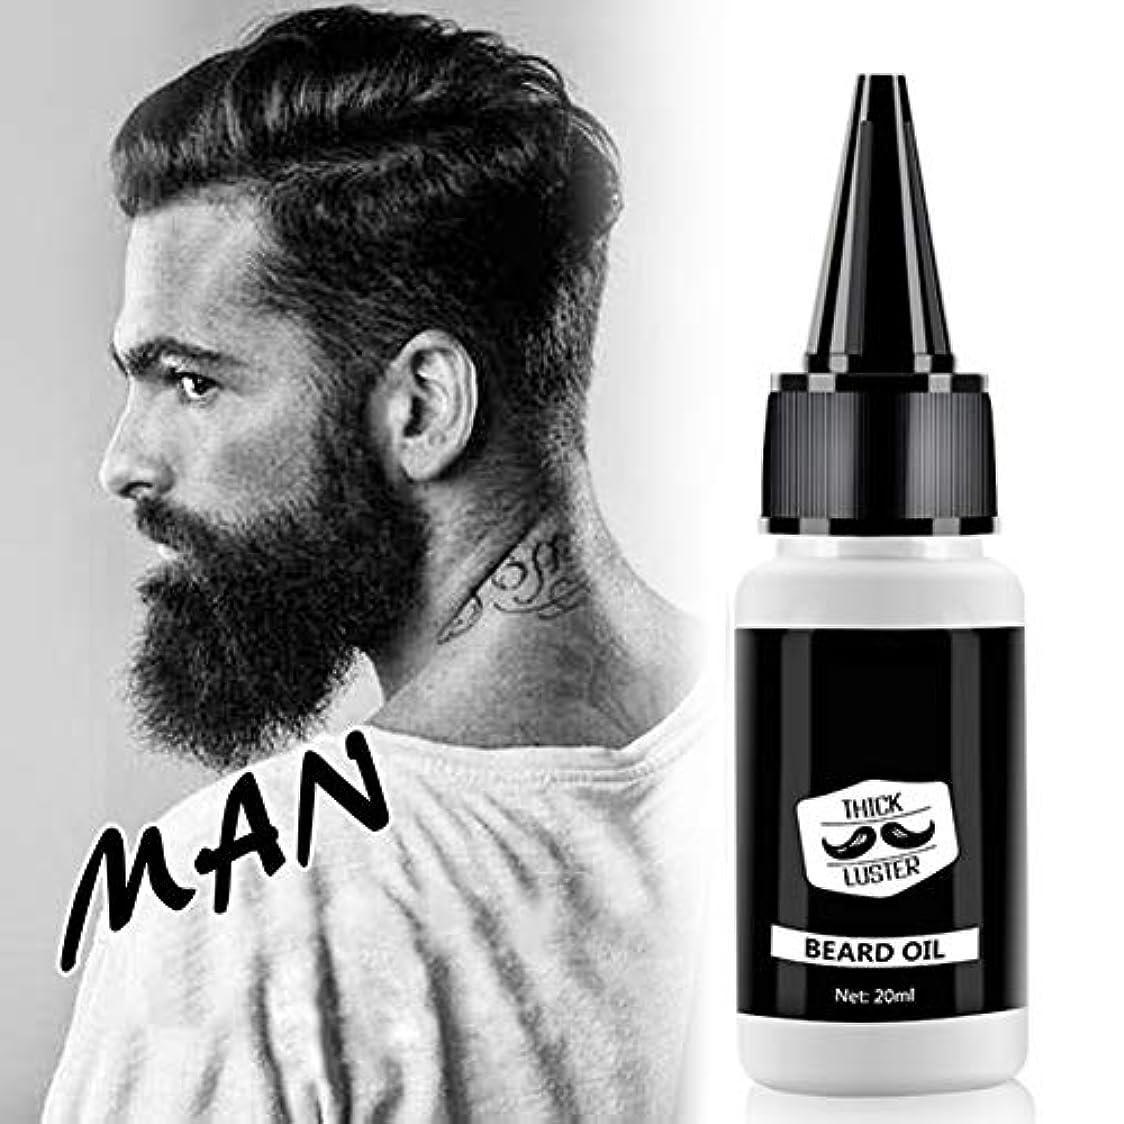 密接に撤退ステレオKISSION ひげ油 20ml 太いひげのメンテナンス 男性のひげ成長促進剤 ひげの成長の本質 ひげ整形ツール あごひげケア 天然成分 安全で無害 急成長